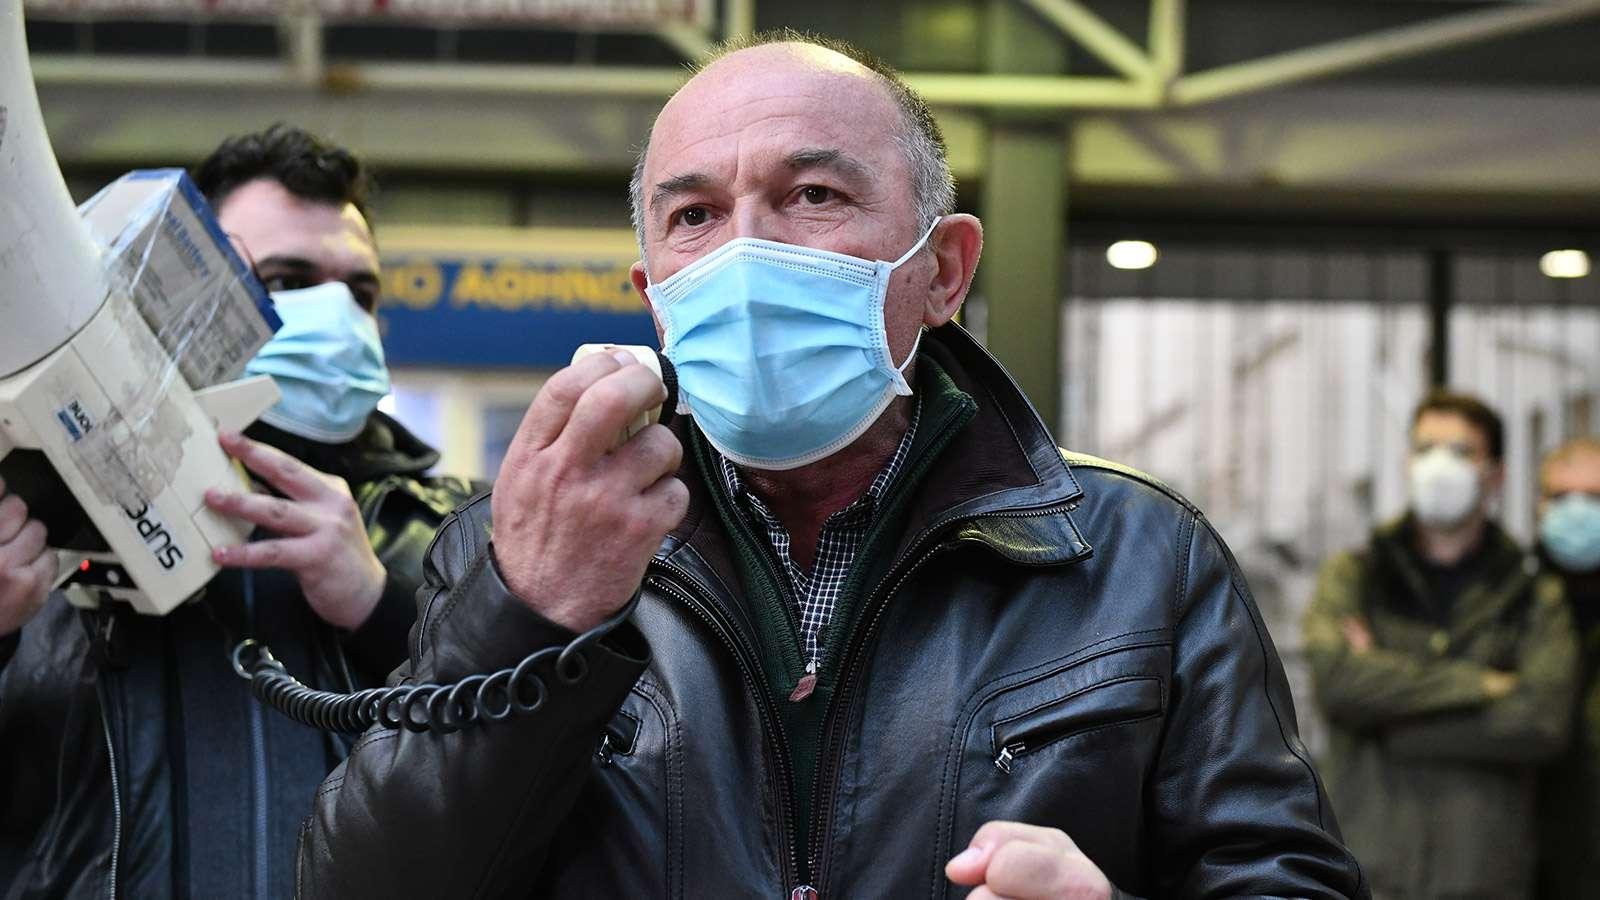 Τάσος Αντωνόπουλος, πρόεδρο του Σωματείου Εργαζομένων στο Λαϊκό Νοσοκομείο